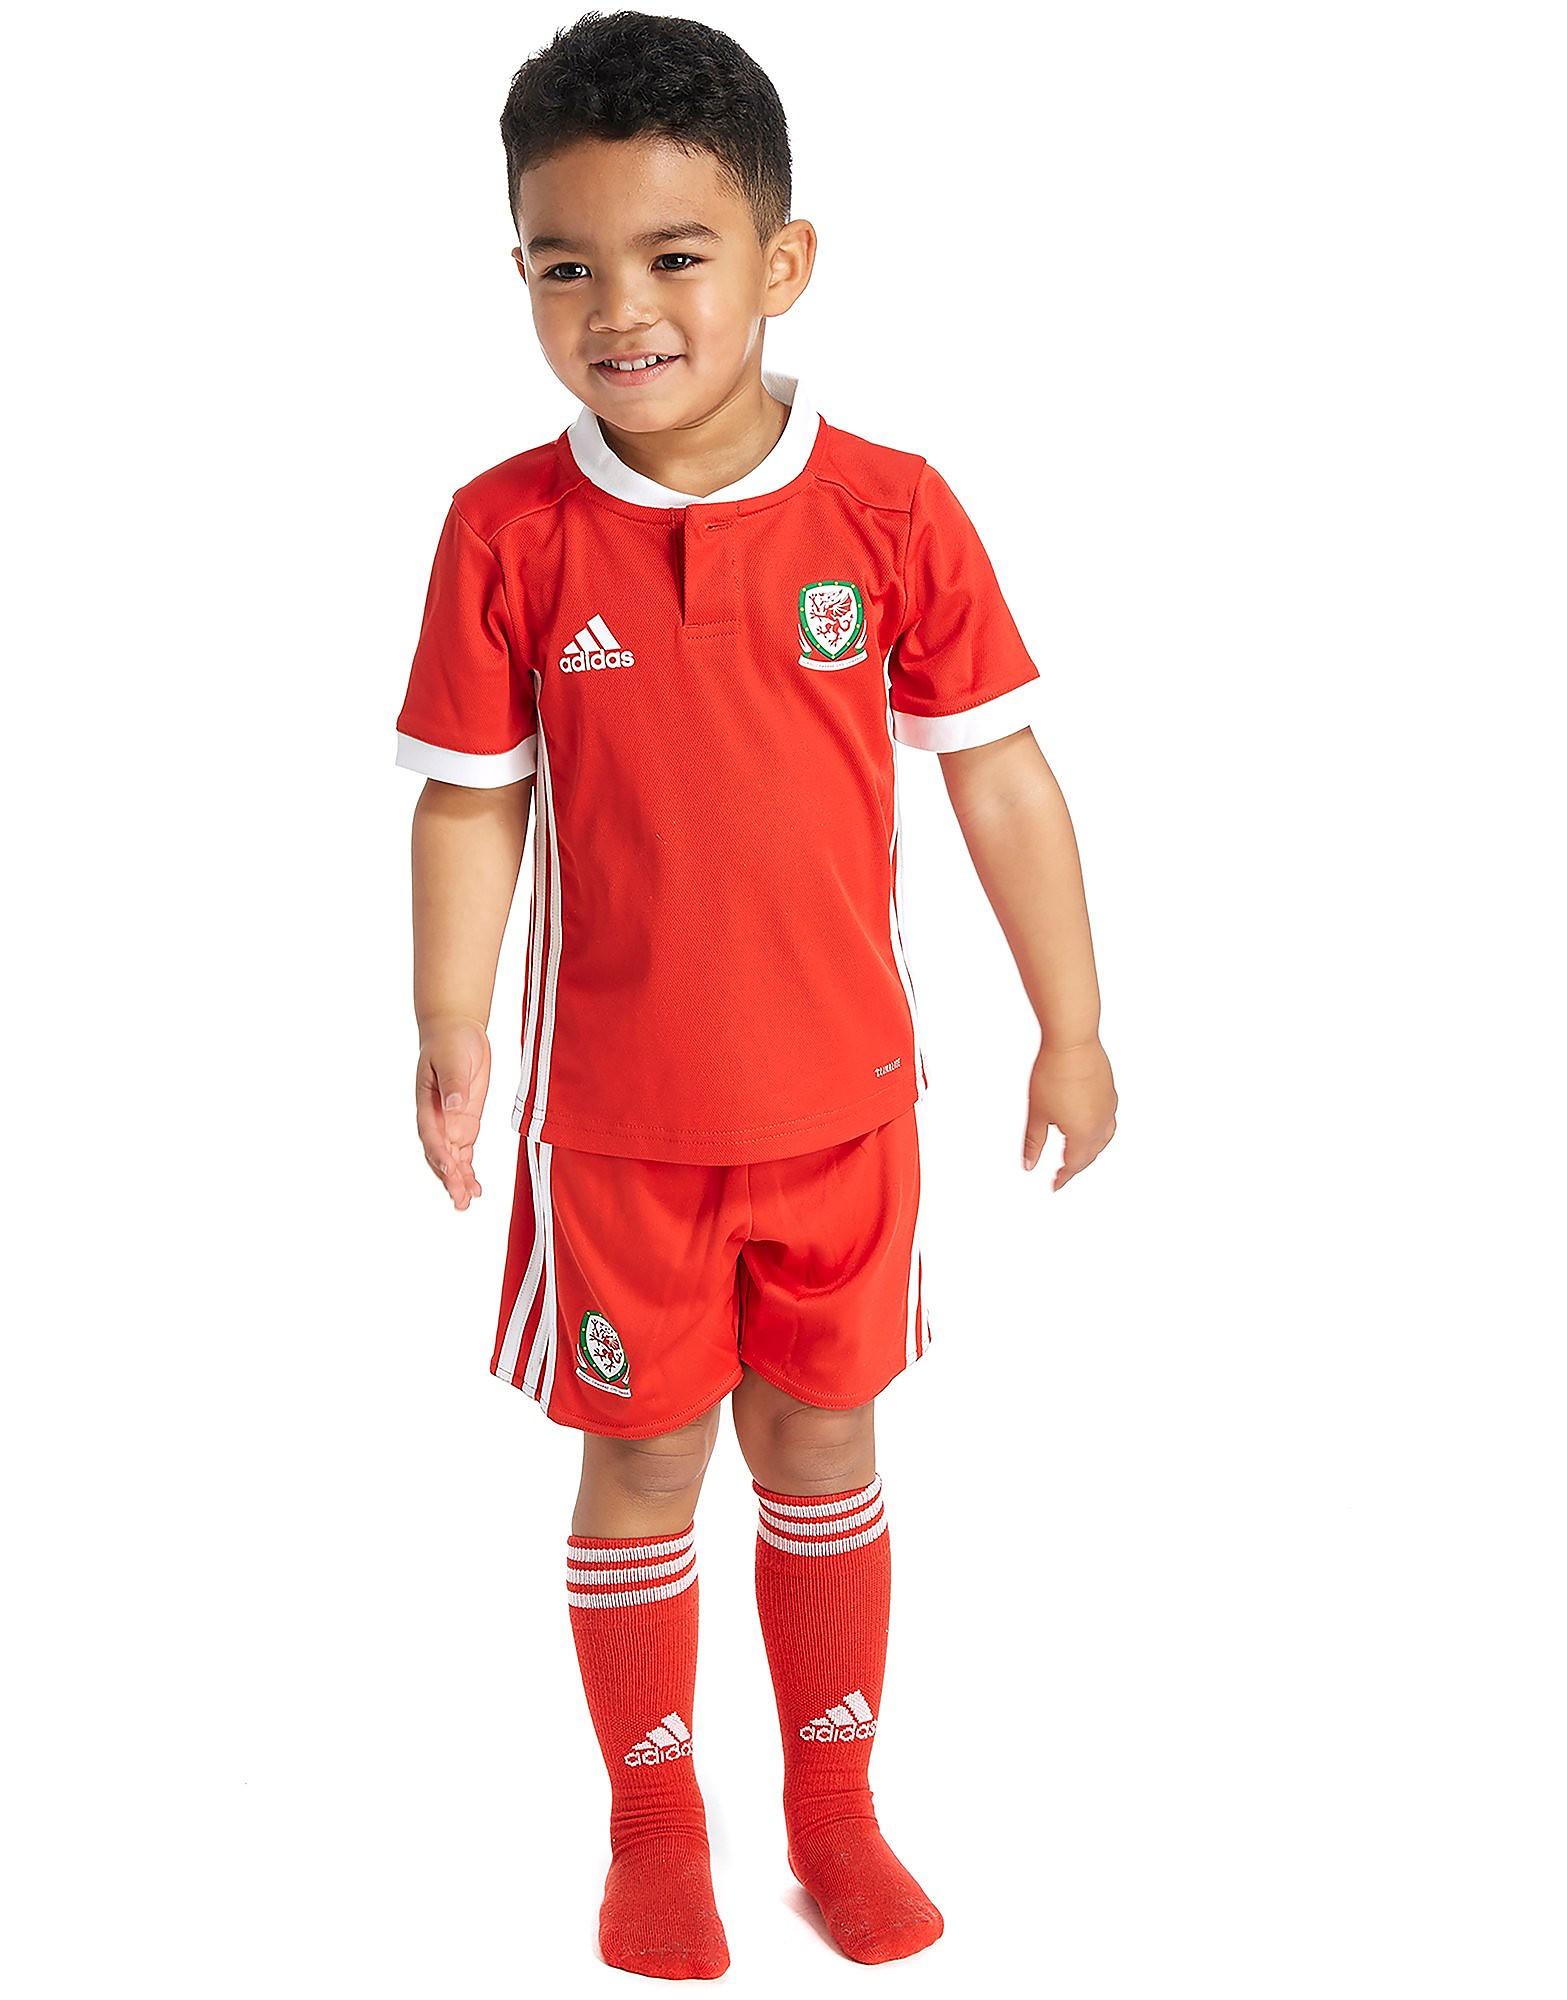 adidas conjunto Gales 2017/18 1.ª equipación infantil